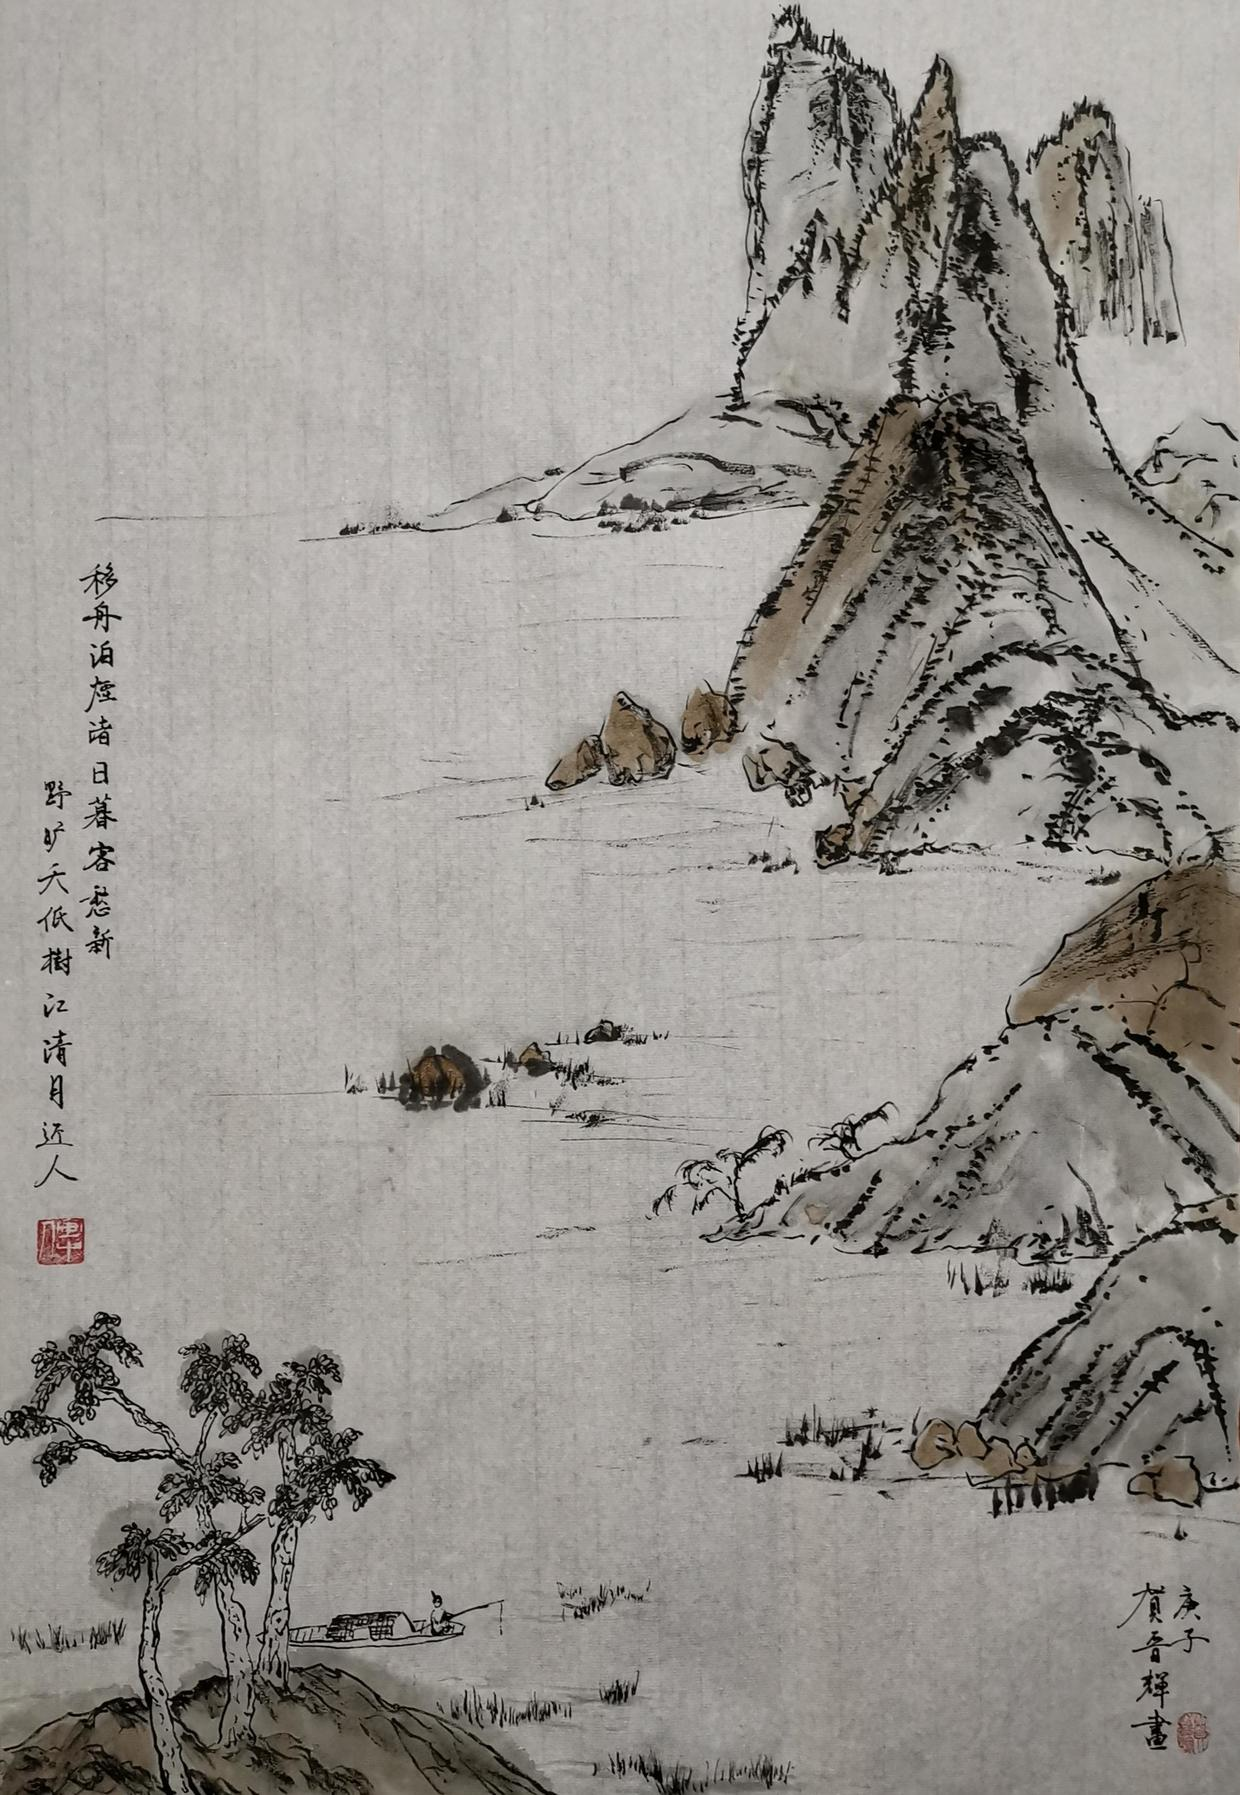 第二高峰——春秋晚期到战国的青铜器